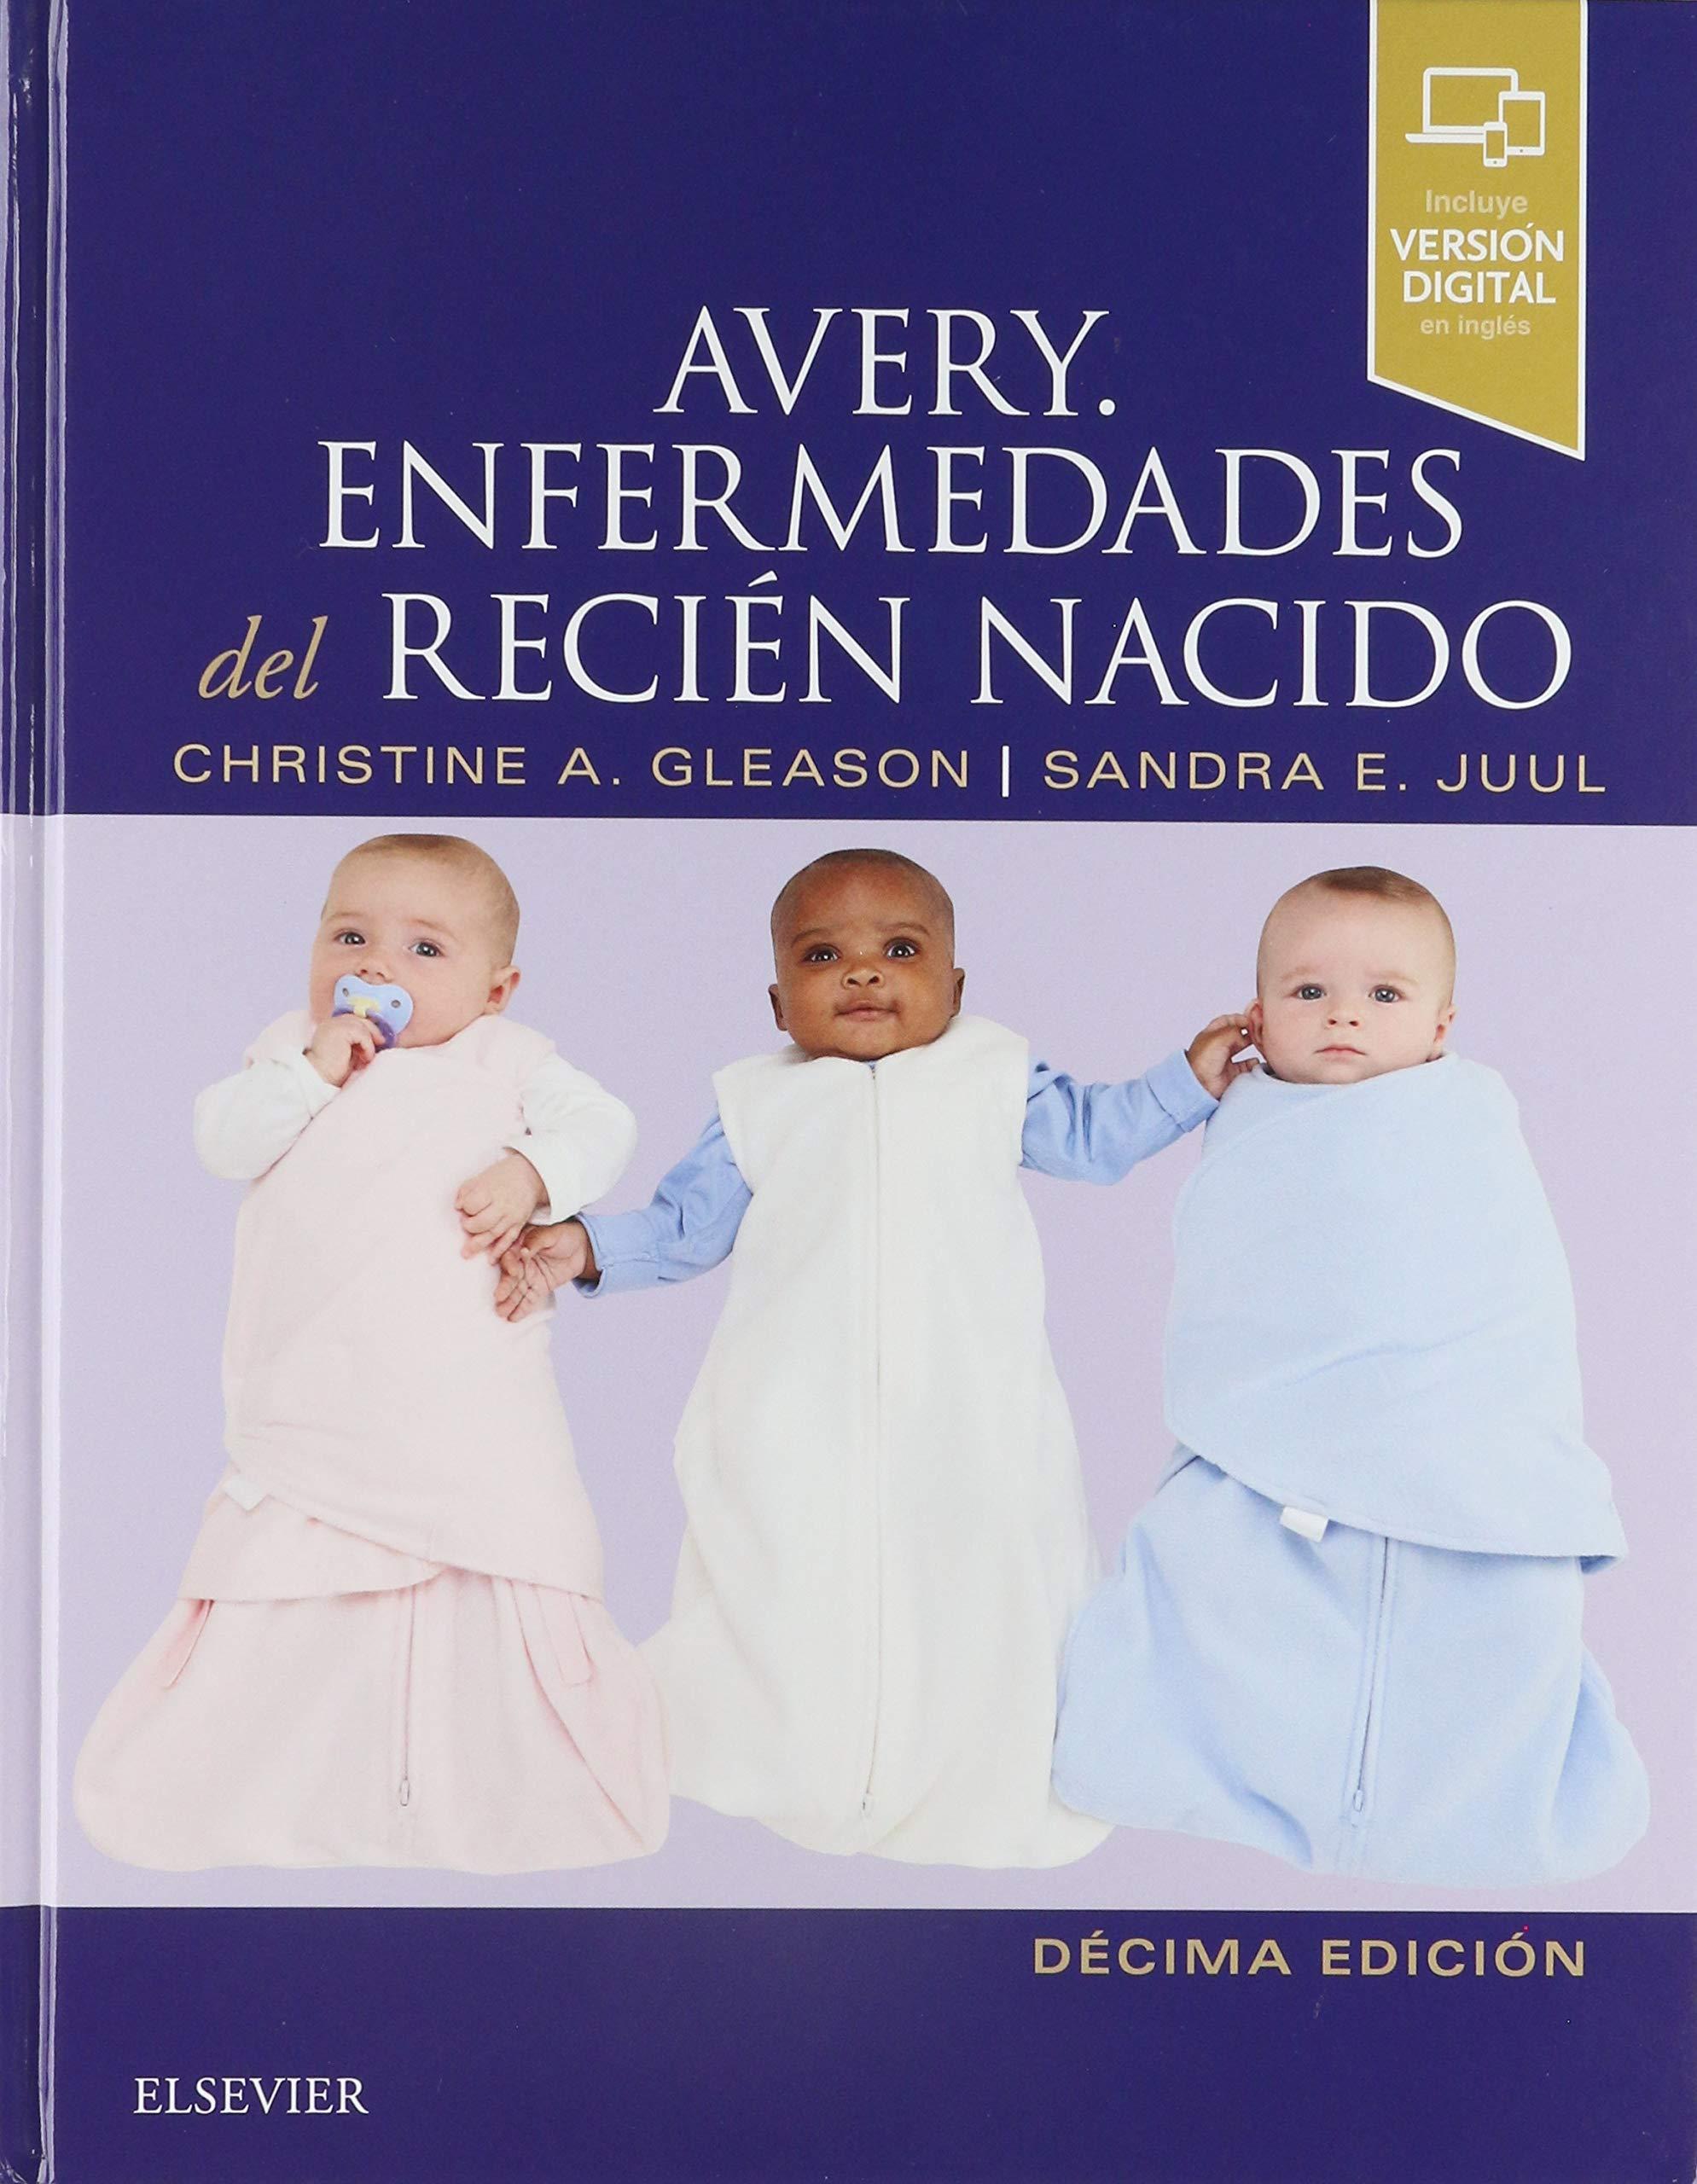 Avery. Enfermedades del recién nacido - 10ª edición: Amazon.es ...